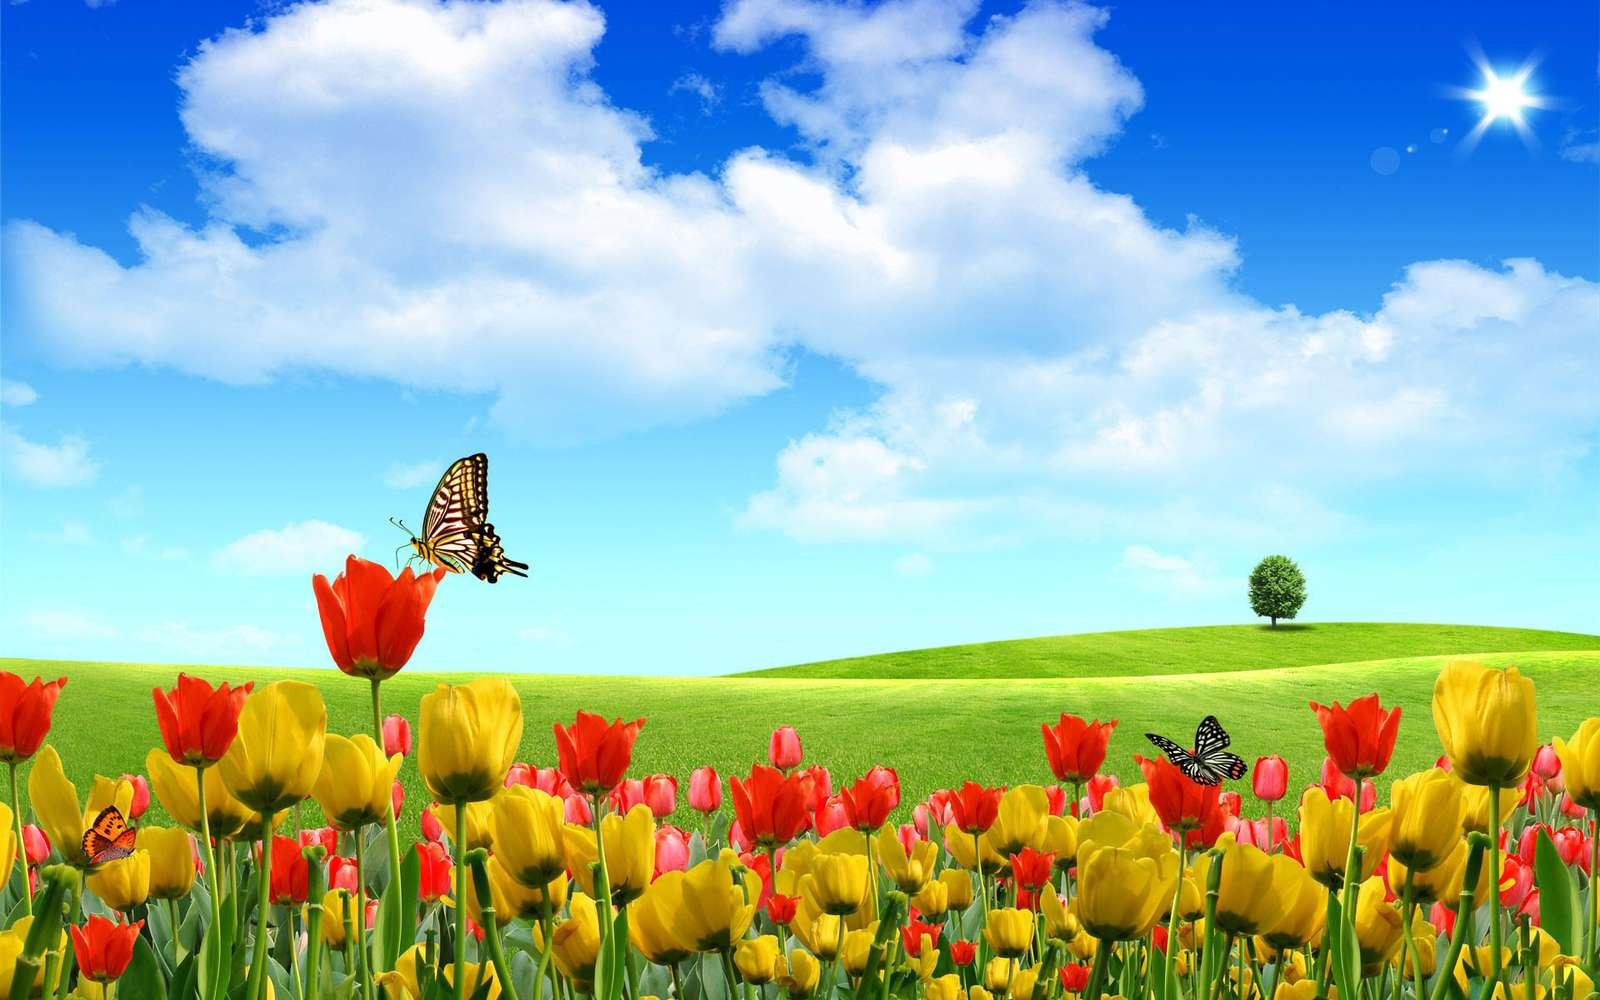 Quebra-cabeça de flores da primavera - Quebra-cabeça de primavera para crianças - Prado em flores (2×2)